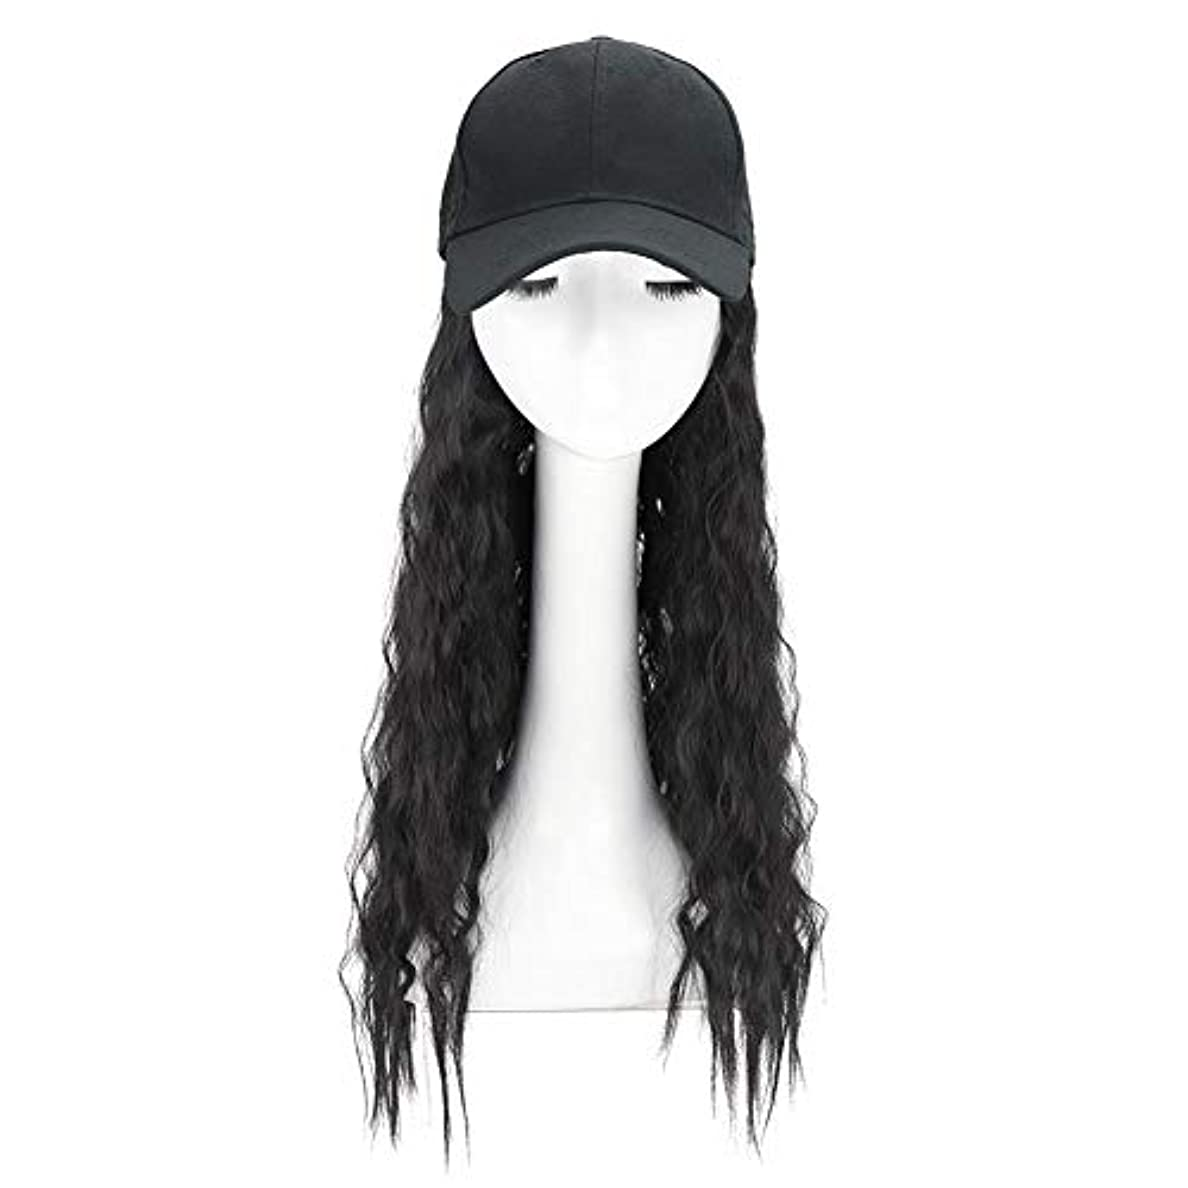 気づく開発繁雑Brill(ブリーオ)帽子ロングカーリーウェーブ女性ファッション野球帽ブラックウィッグ